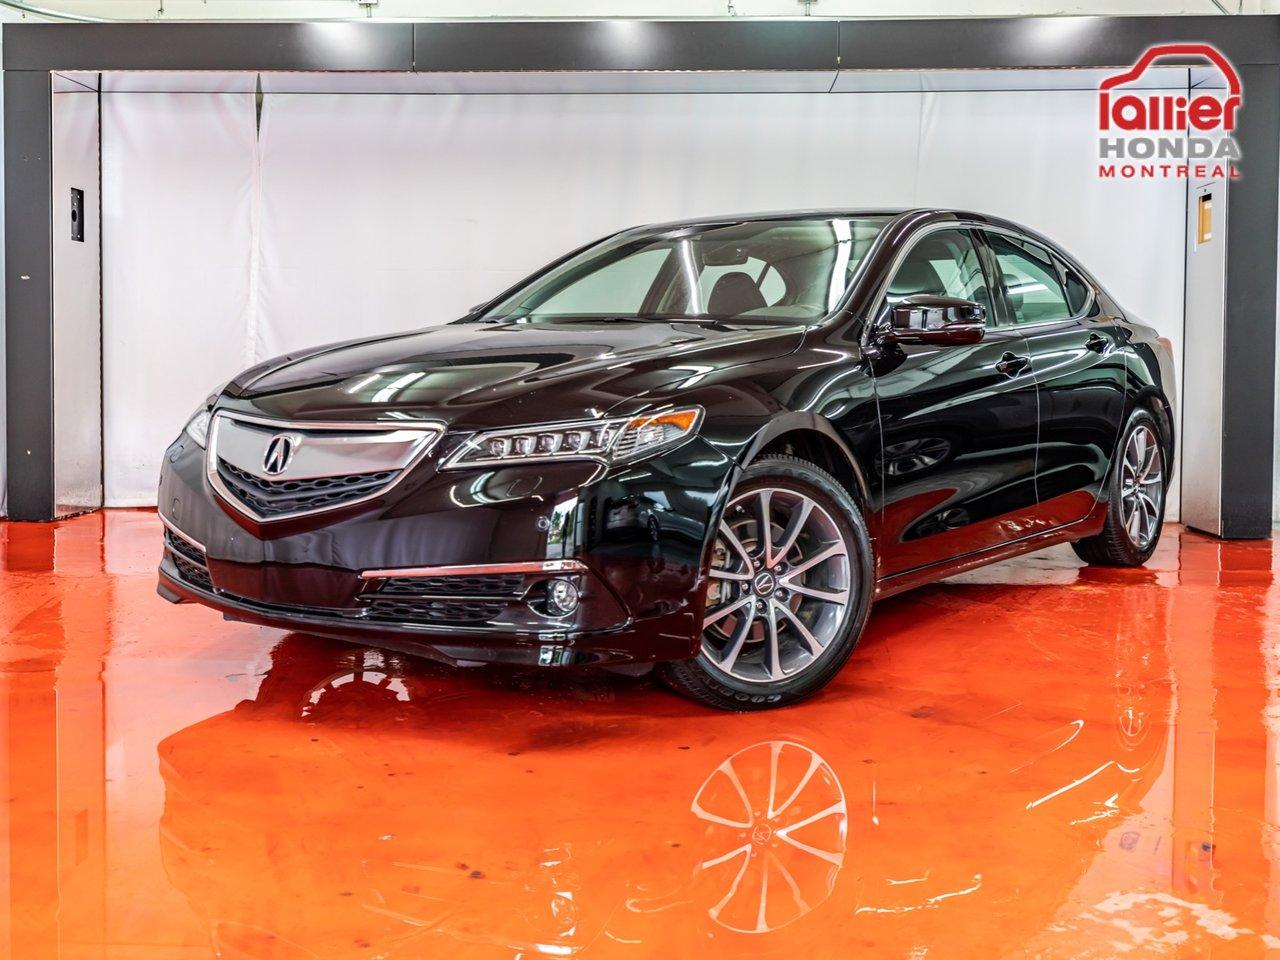 2015 Acura  TLX V6 Elite**NAV(GPS)**4X4 (AWD)**CAMÉRA DE RECU